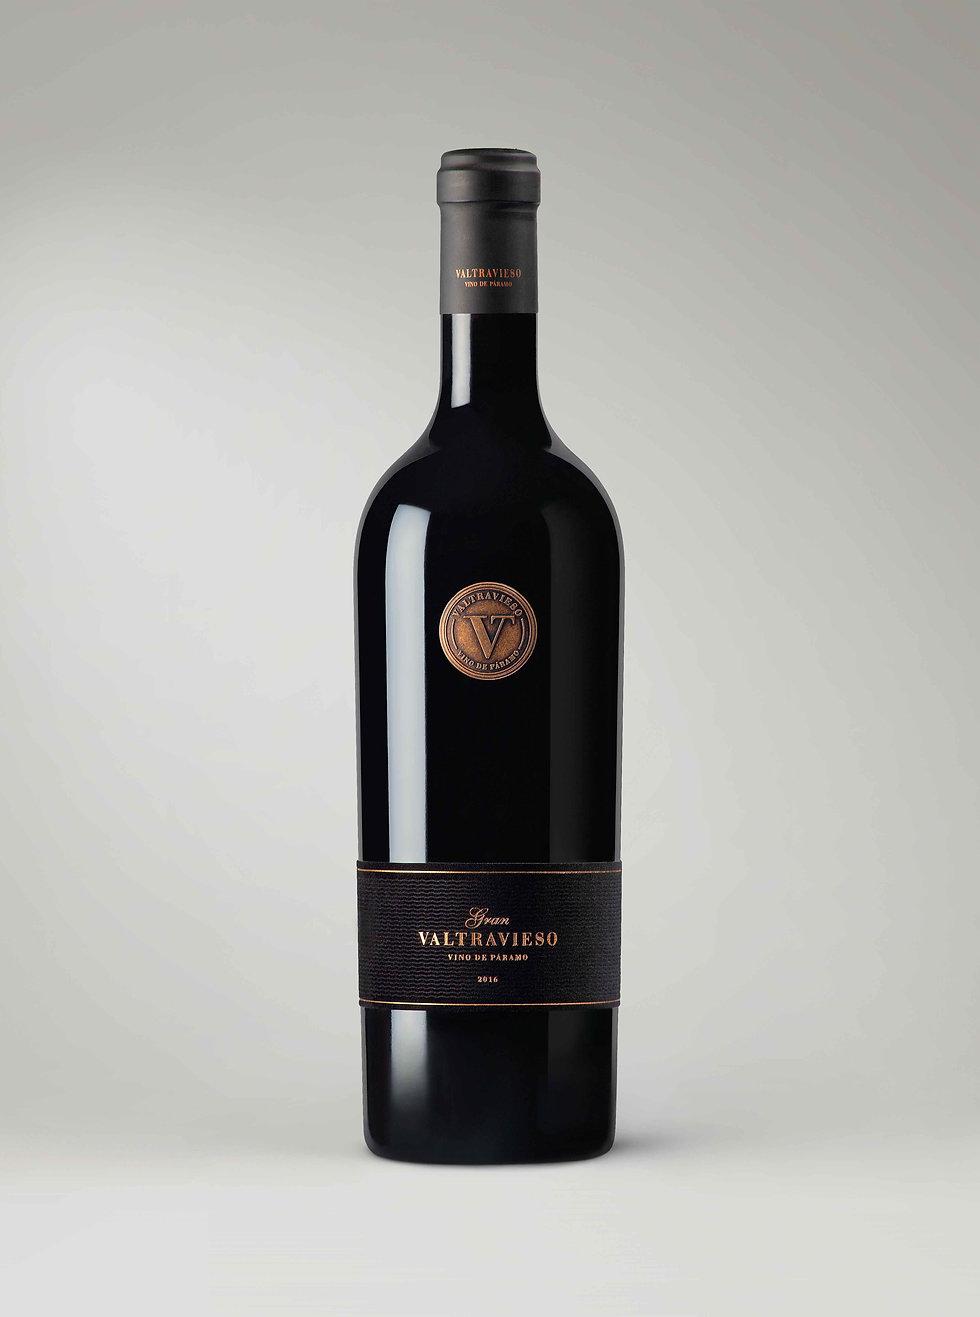 Gran Valtravieso vino (Bodega) - GastroSpain